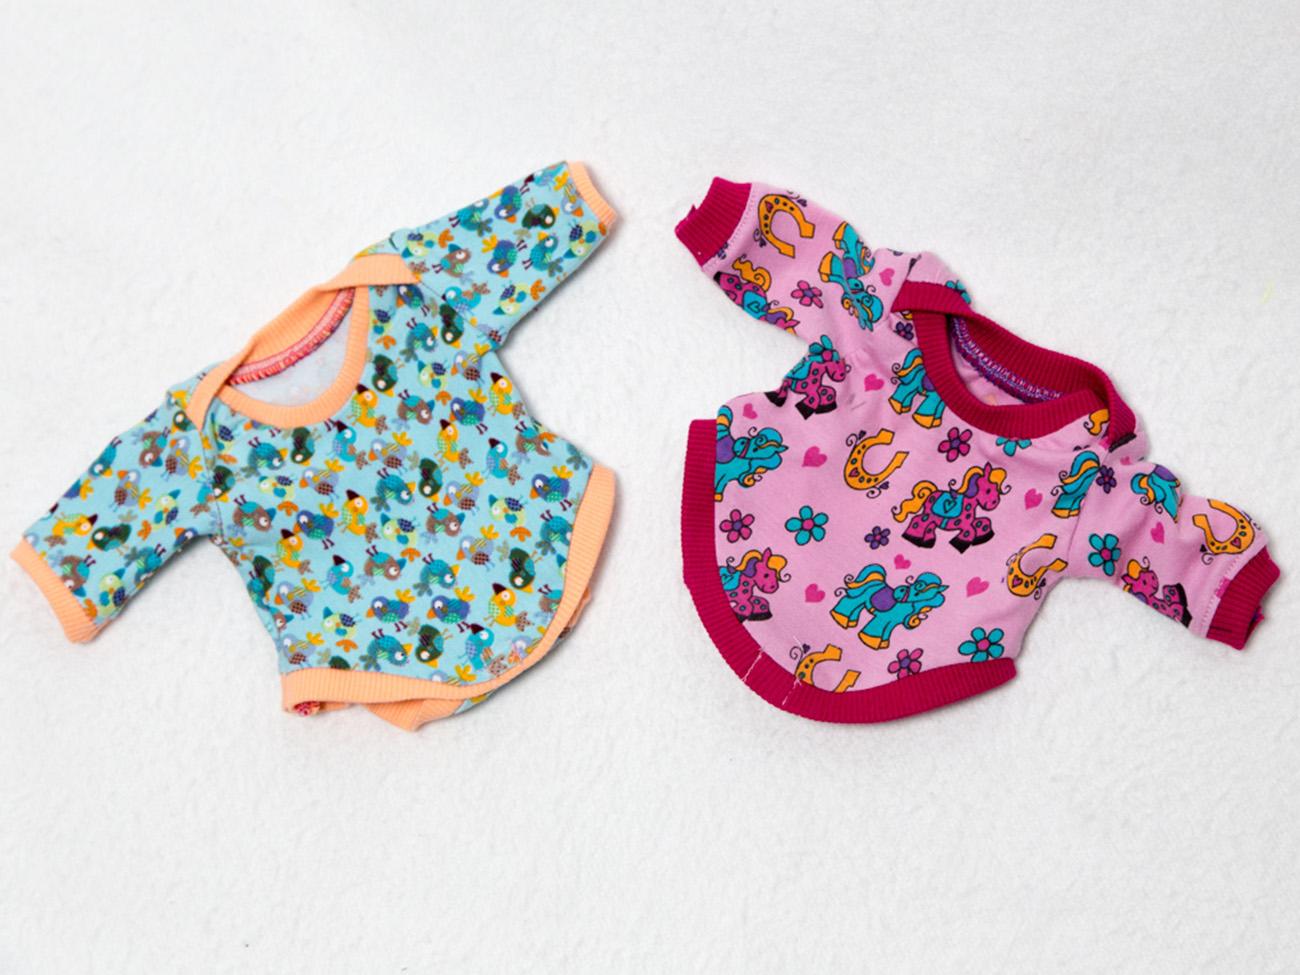 Hervorragend Erfahrungen einer Nähoma: Babykleidung selbst nähen - Kreativlabor RH77